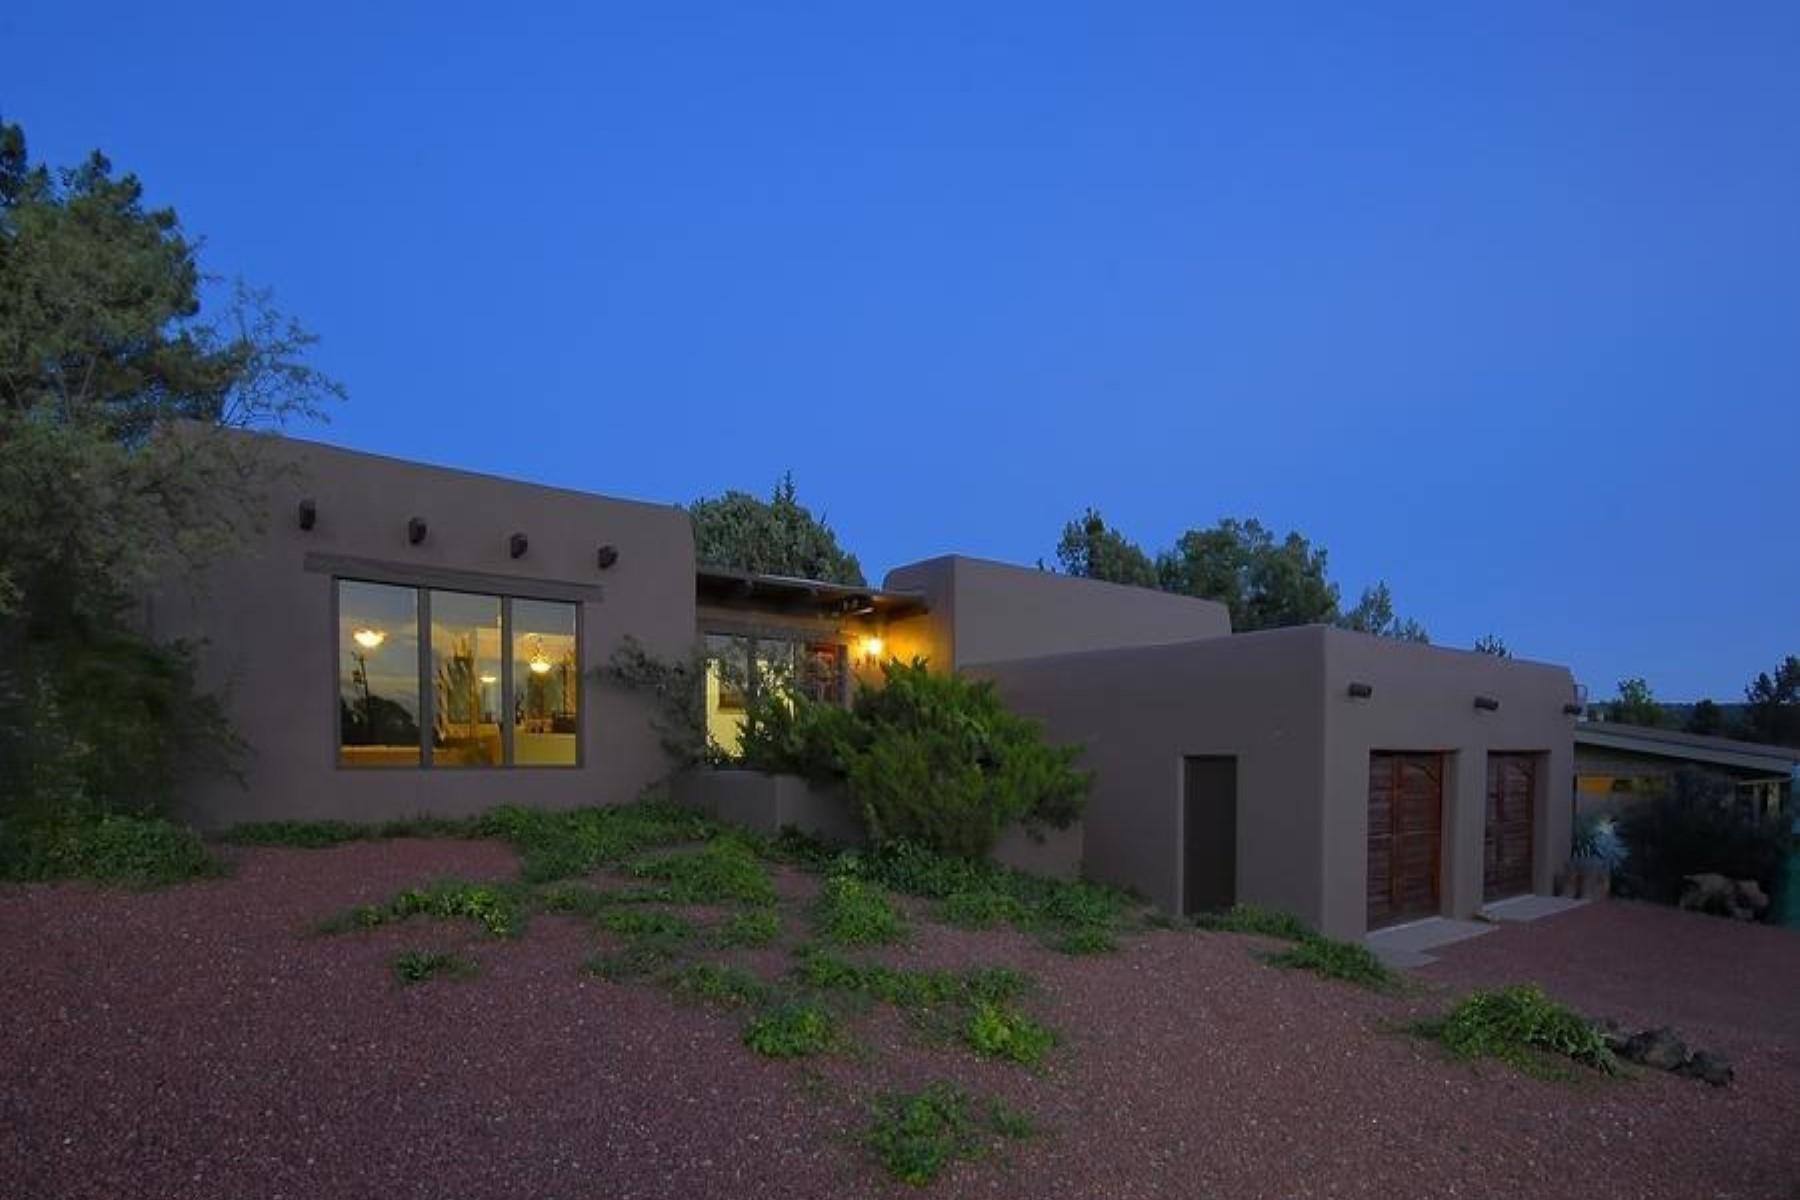 Tek Ailelik Ev için Satış at Southwestern Pueblo style home with Red Rock views. 580 Mountain Shadows Drive Sedona, Arizona 86336 Amerika Birleşik Devletleri